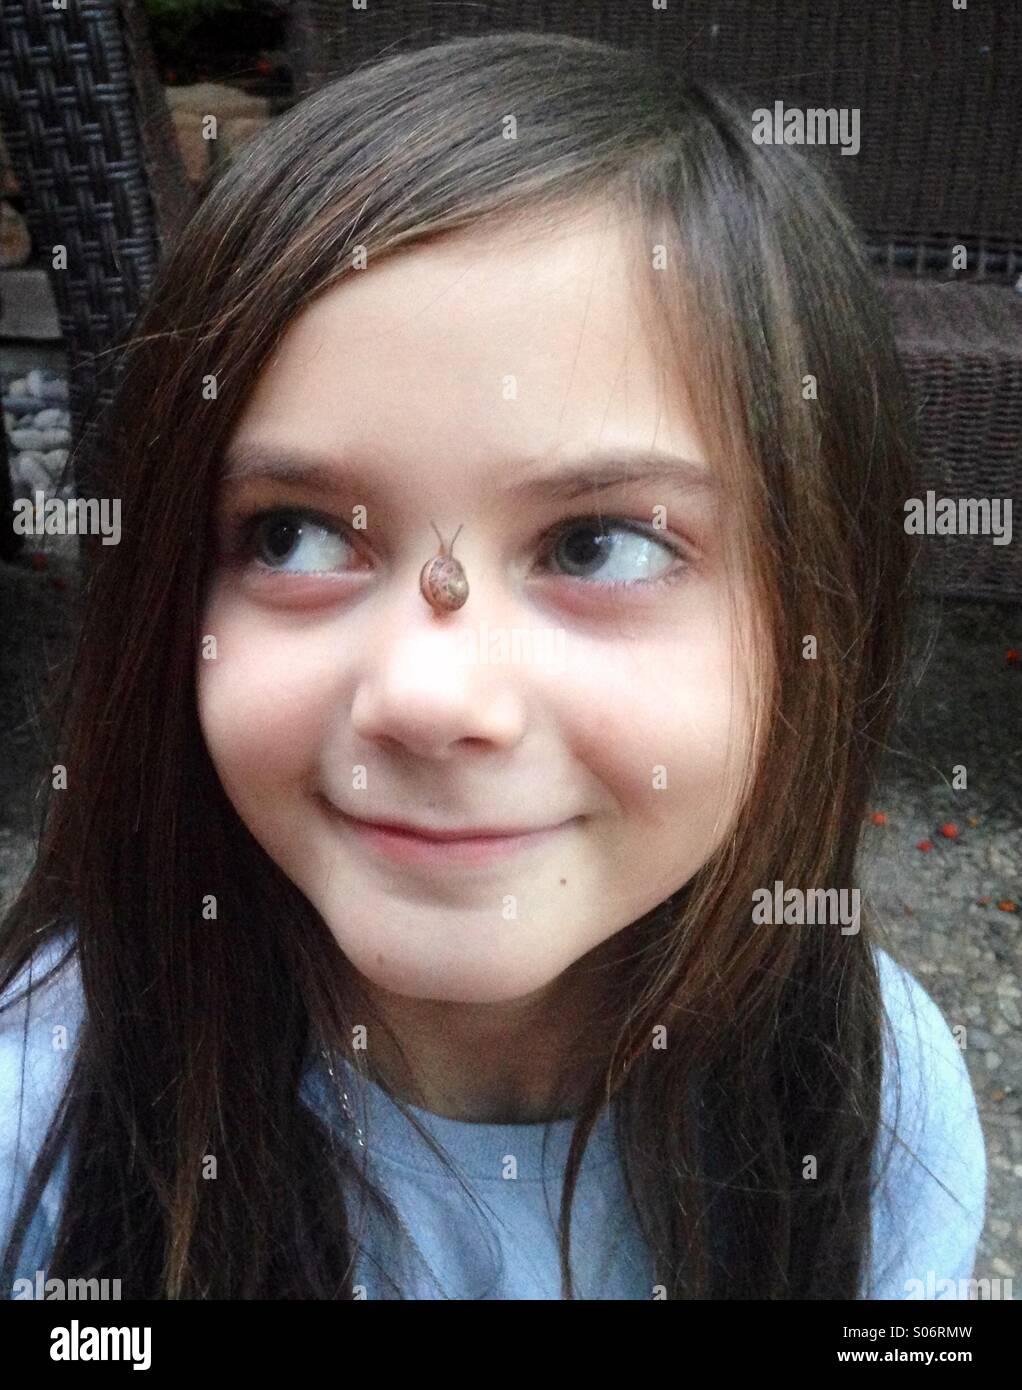 Ein junges Mädchen liebenswert lächelt mit einer kleinen Schnecke auf der Nase. Stockbild